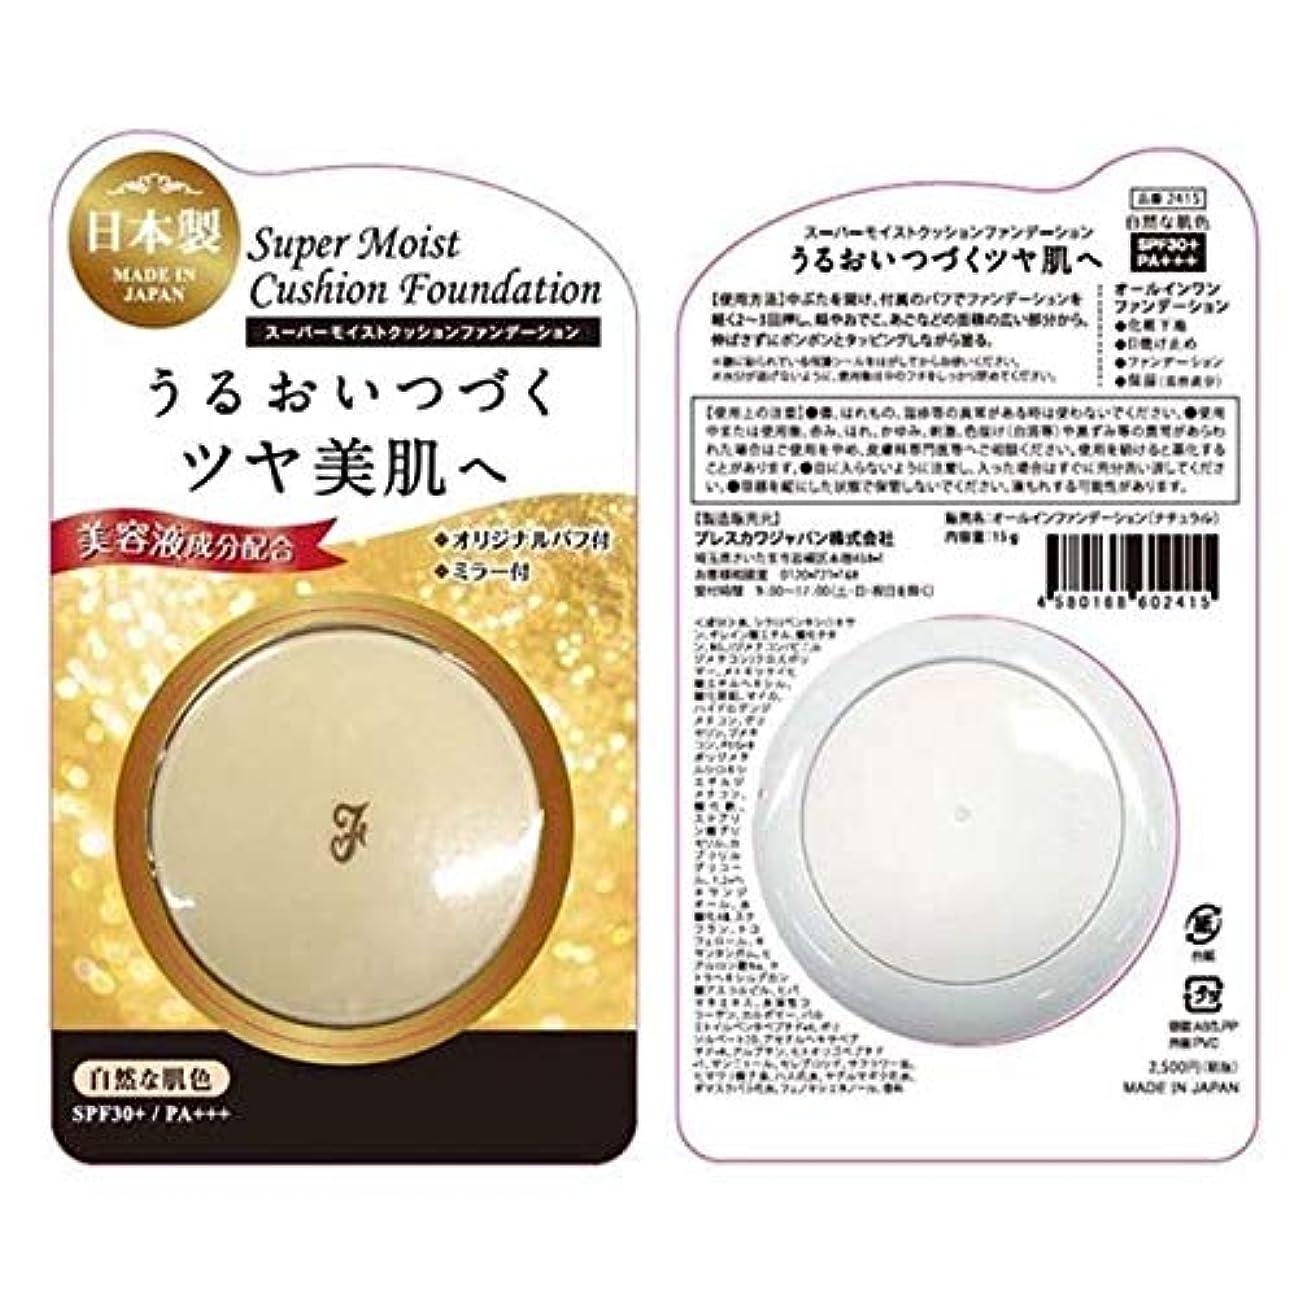 便益レーザ傾いた日本製●クッションファンデーション SPF30+ PA+++ 新色 自然な肌色 さらっとした使い心地 コスメ しっとりなめらか ファンデ